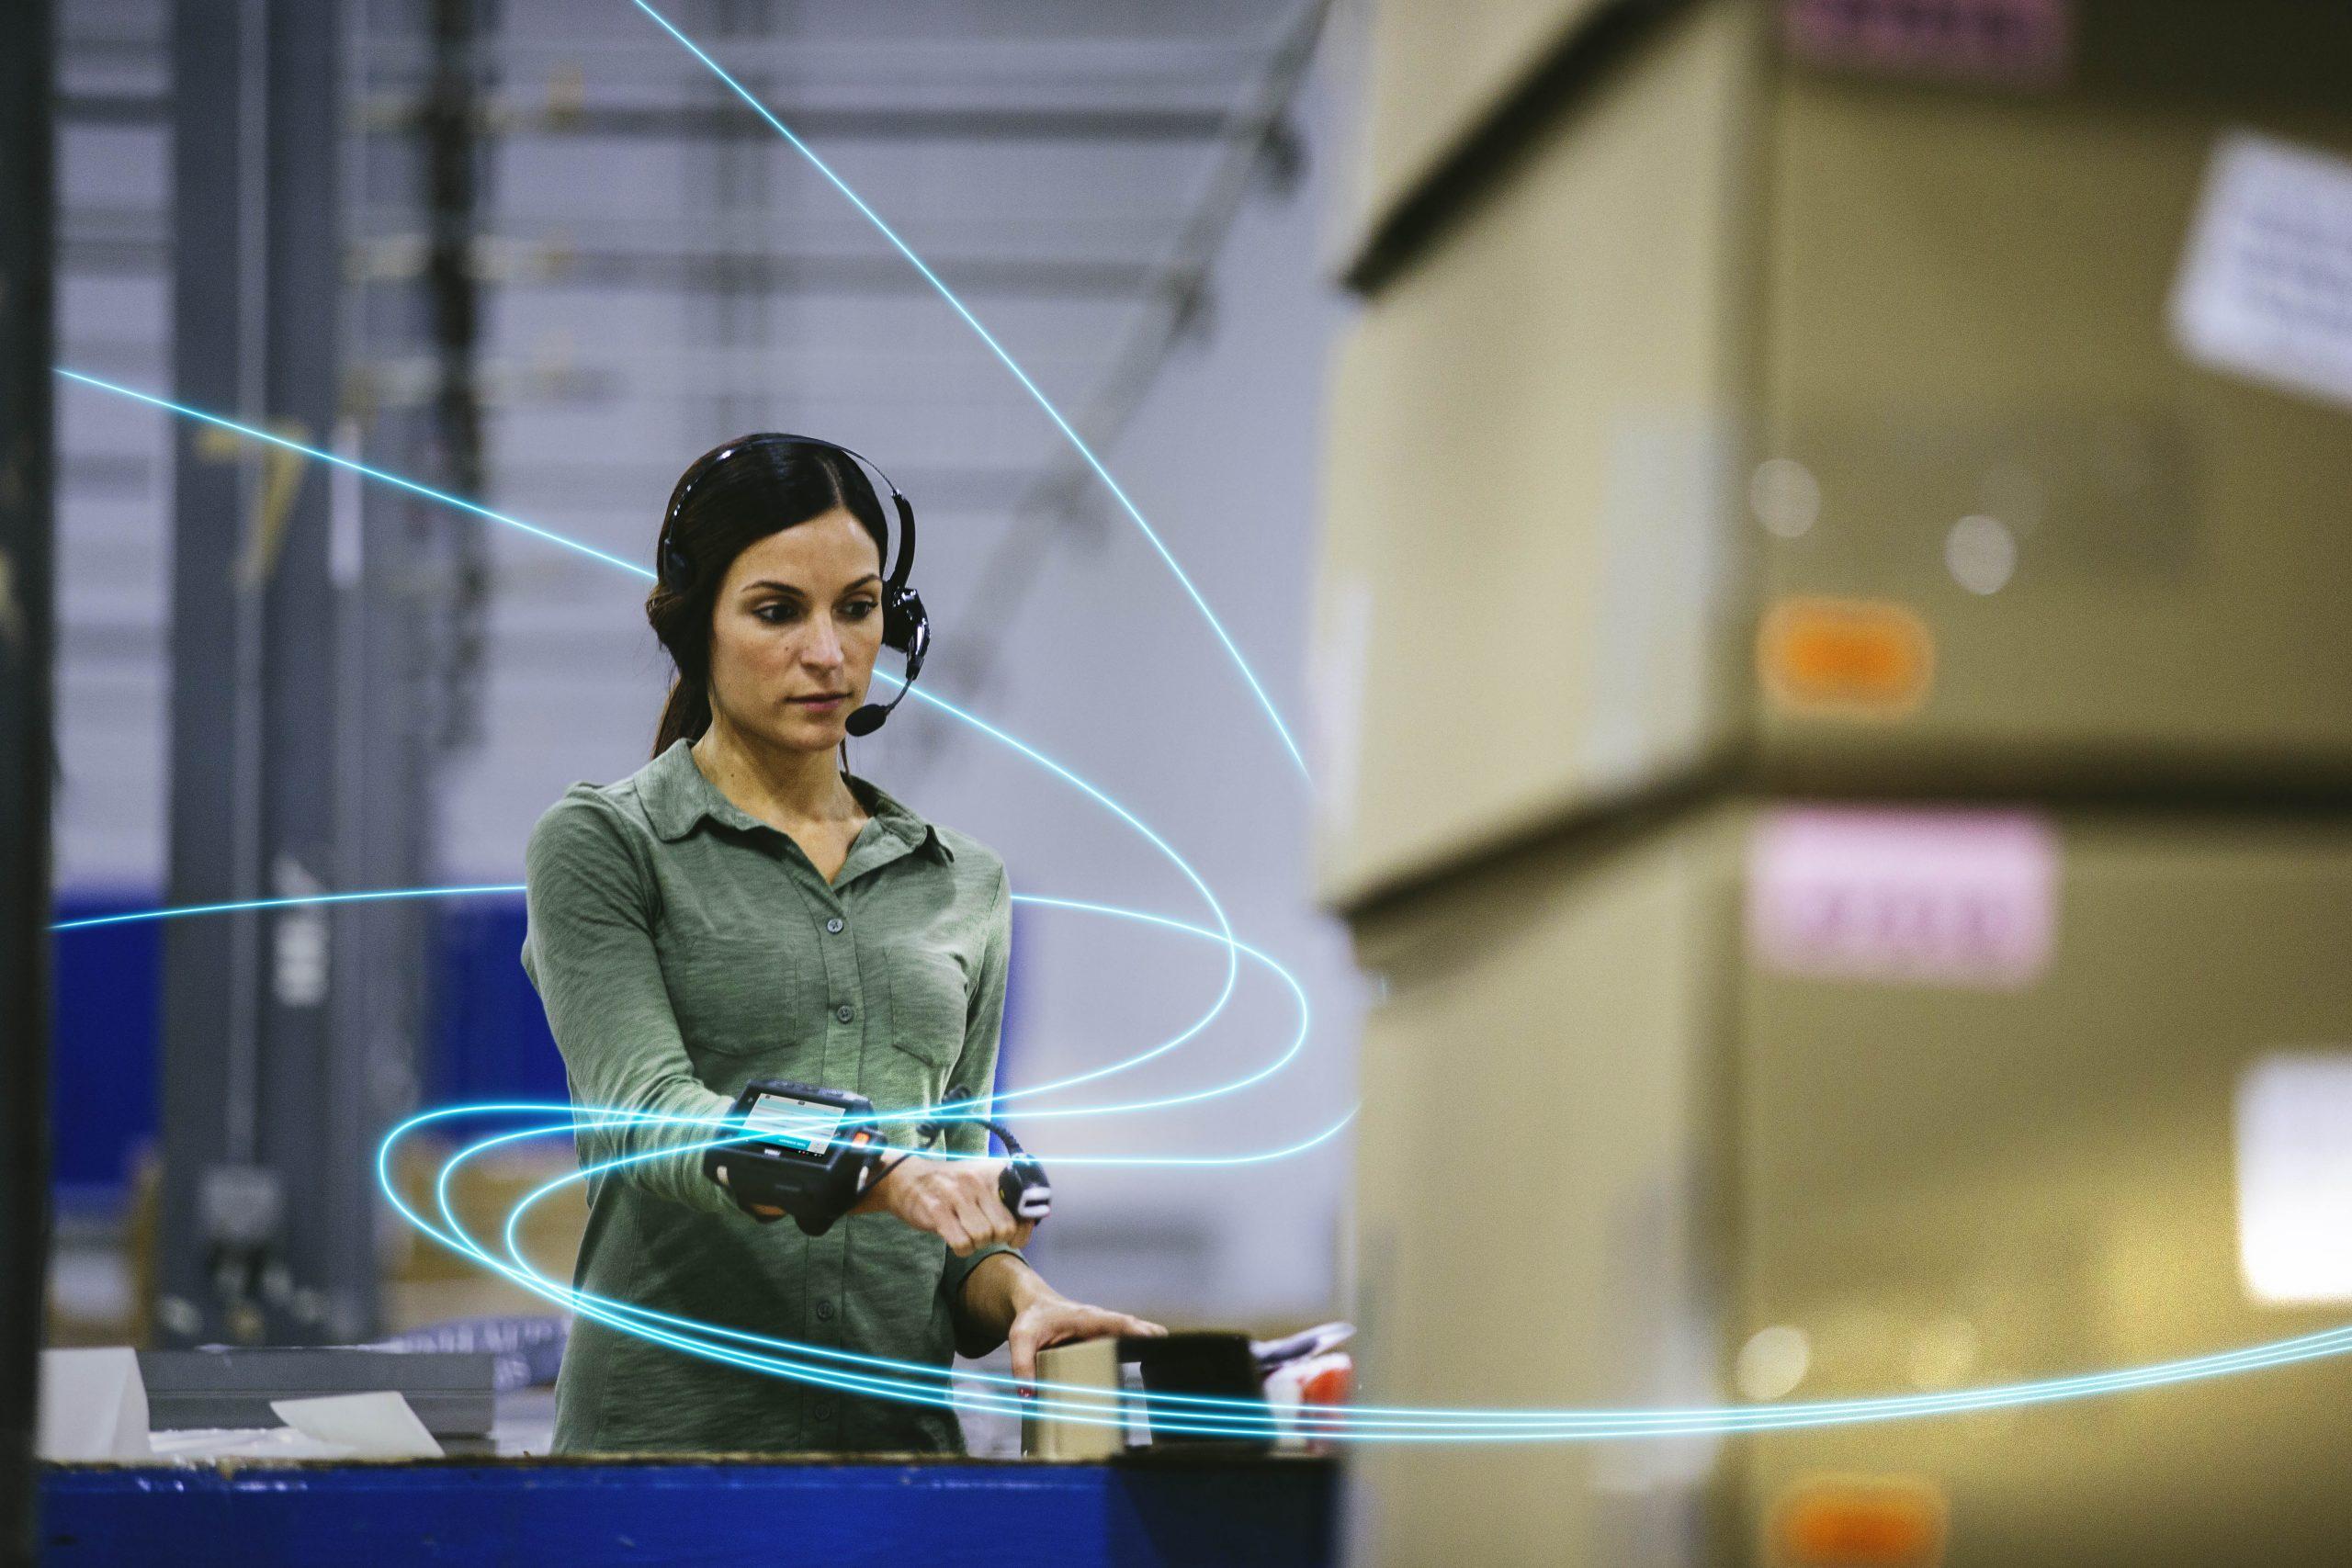 Automatizzare la programmazione del lavoro: con i sistemi intelligenti oggi disponibili i responsabili di magazzino e dei centri di distribuzione possono aiutare gli operatori a lavorare e vivere meglio